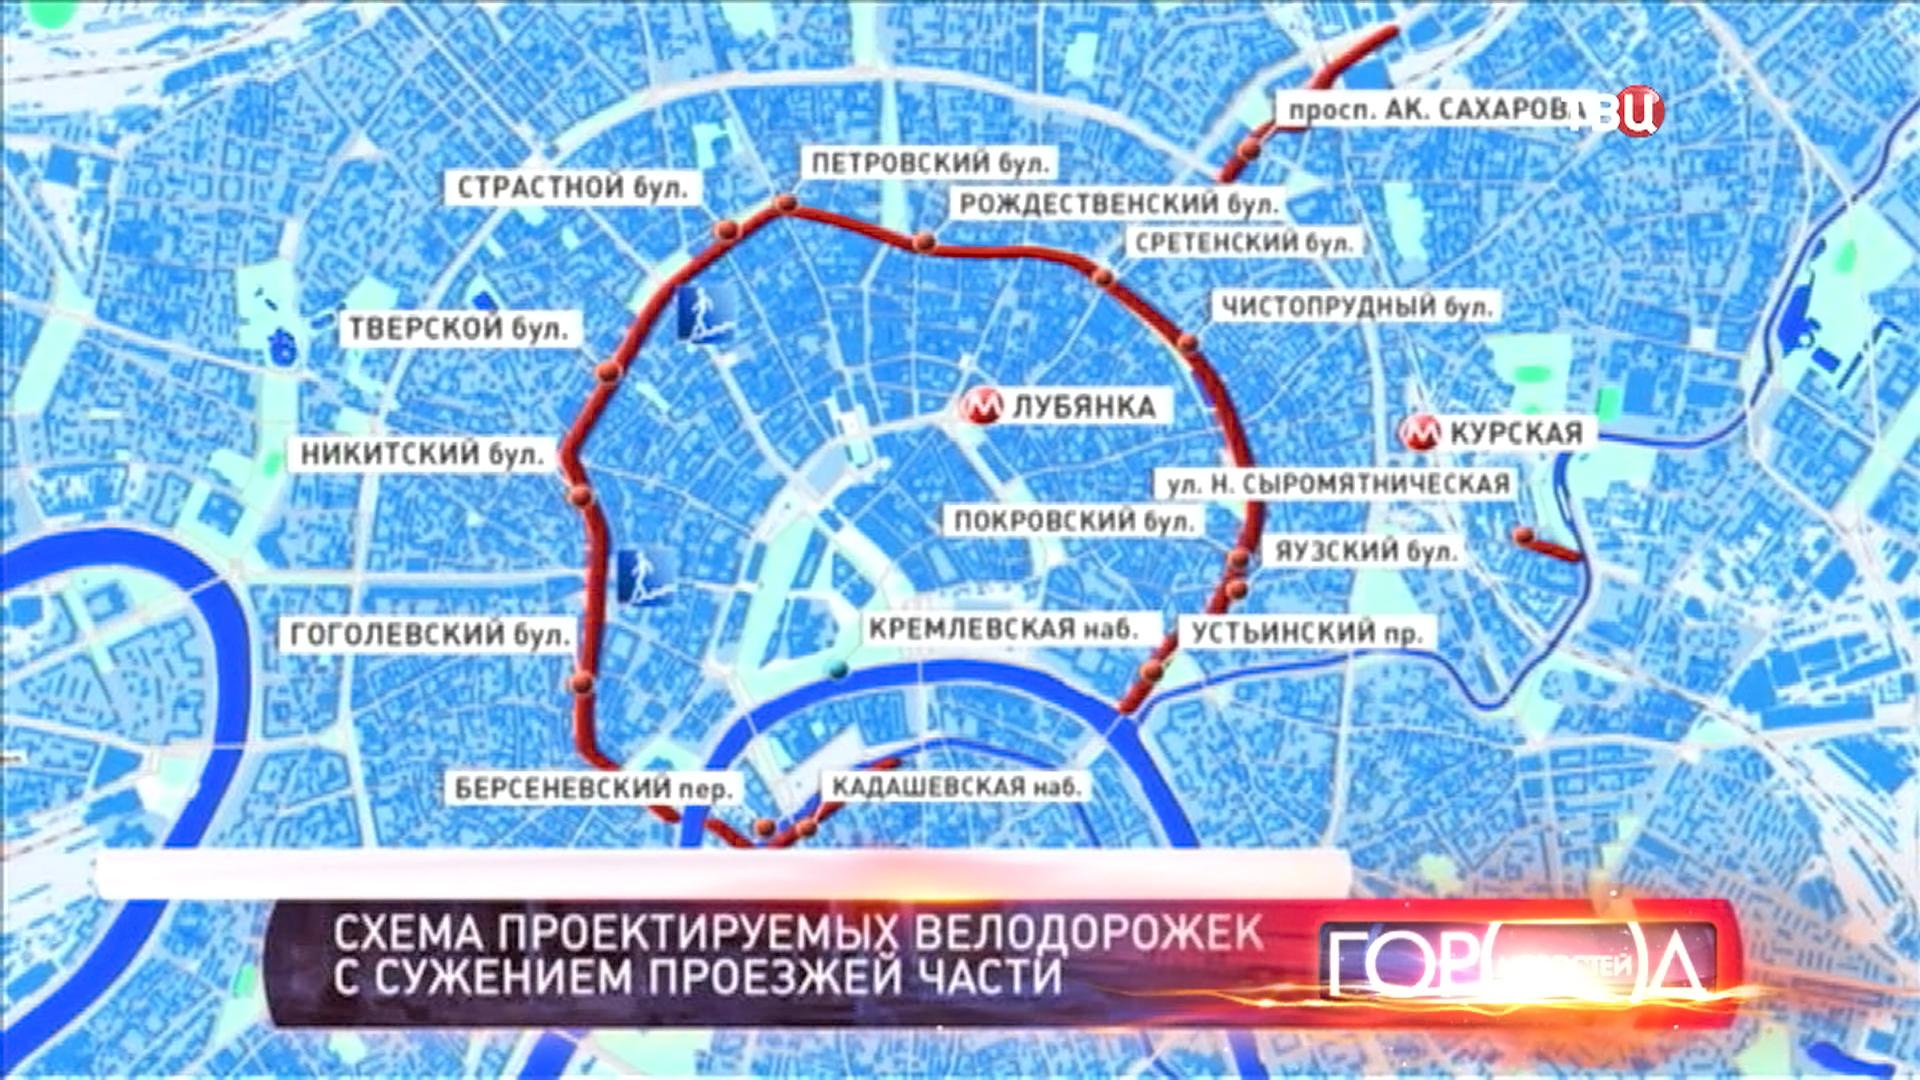 Карта велодорожек